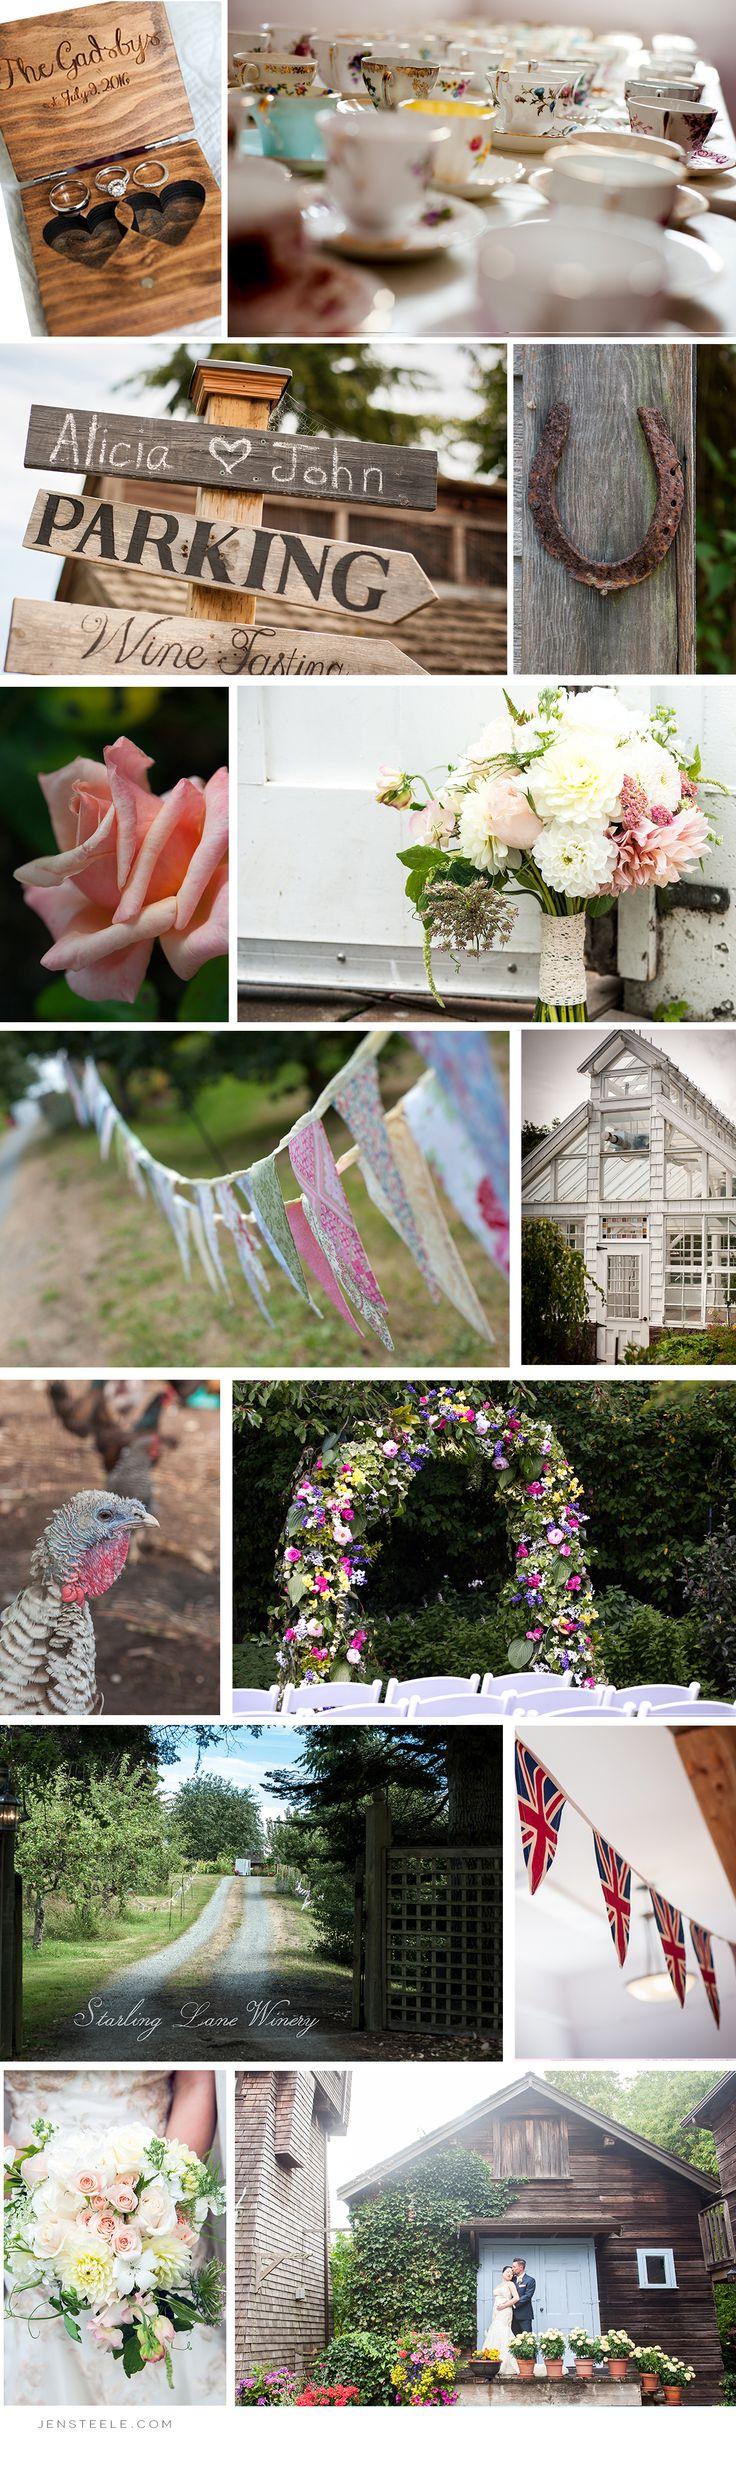 WEDDING AT STARLING LANE VINEYARD | JEN STEELE~ English Garden Vintage Wedding Details at local Vineyard